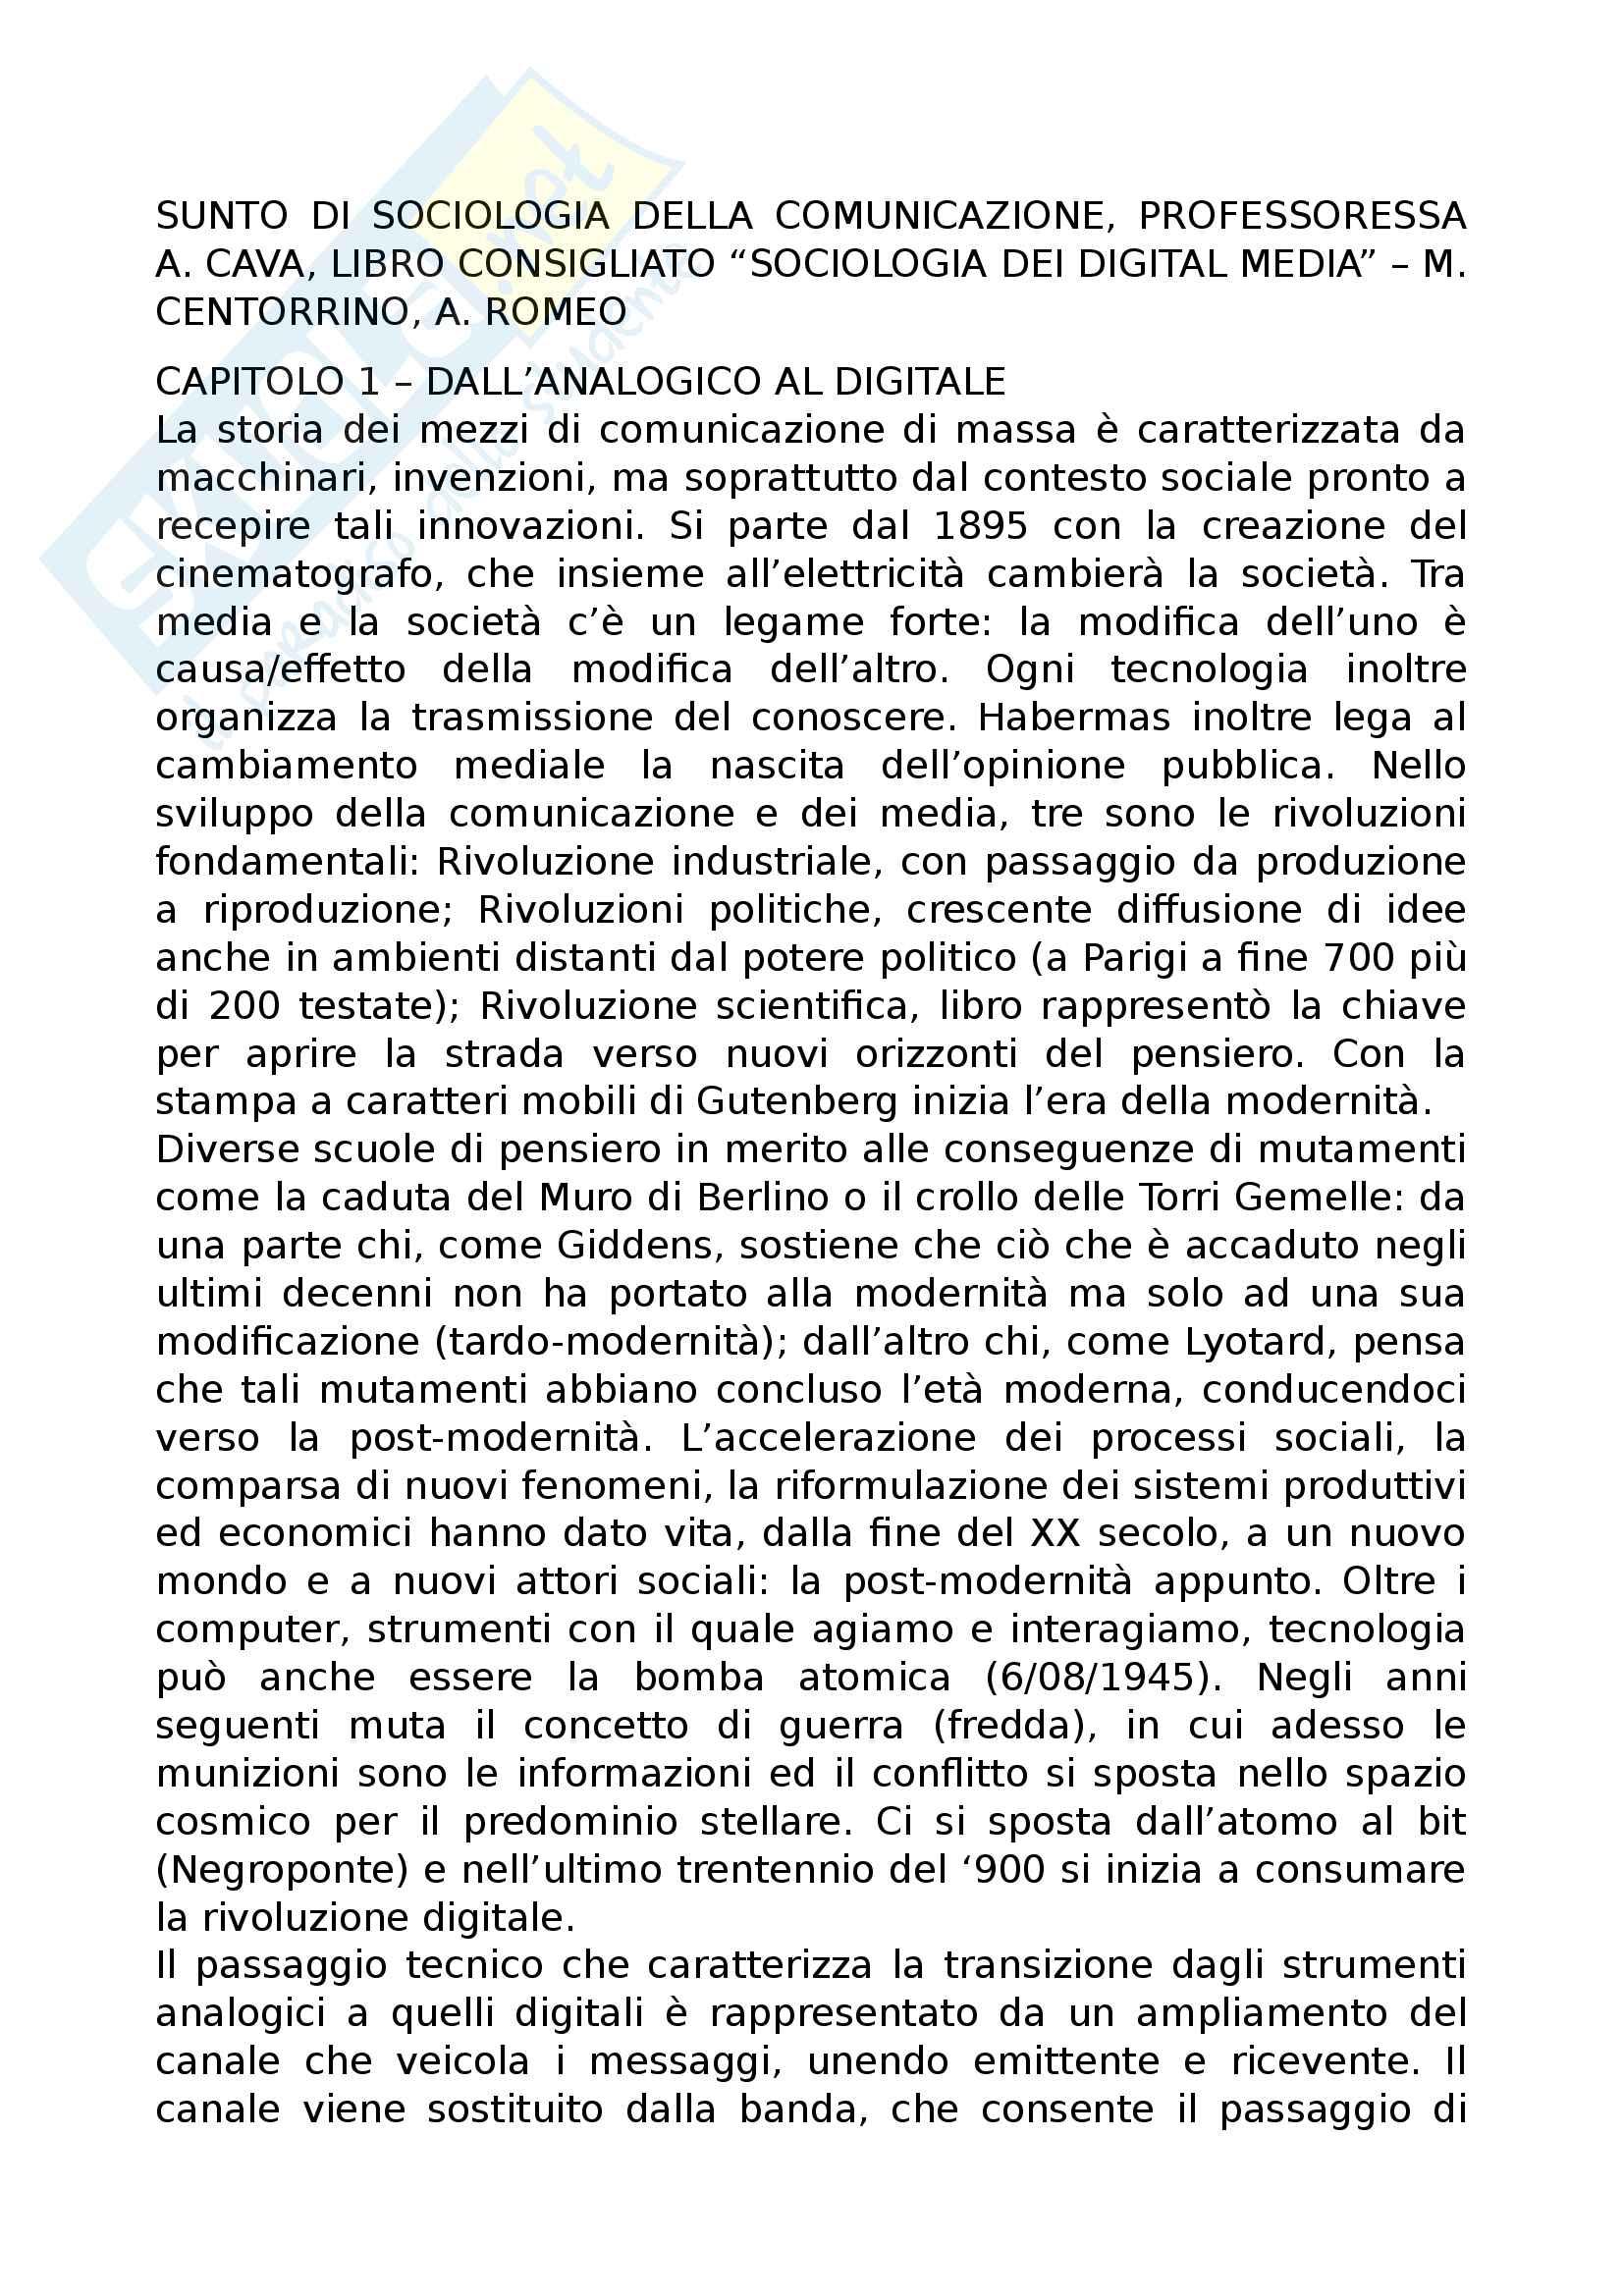 Riassunto esame Sociologia della comunicazione, prof Cava, libro consigliato Sociologia dei digital media, Centorrino, Romeo